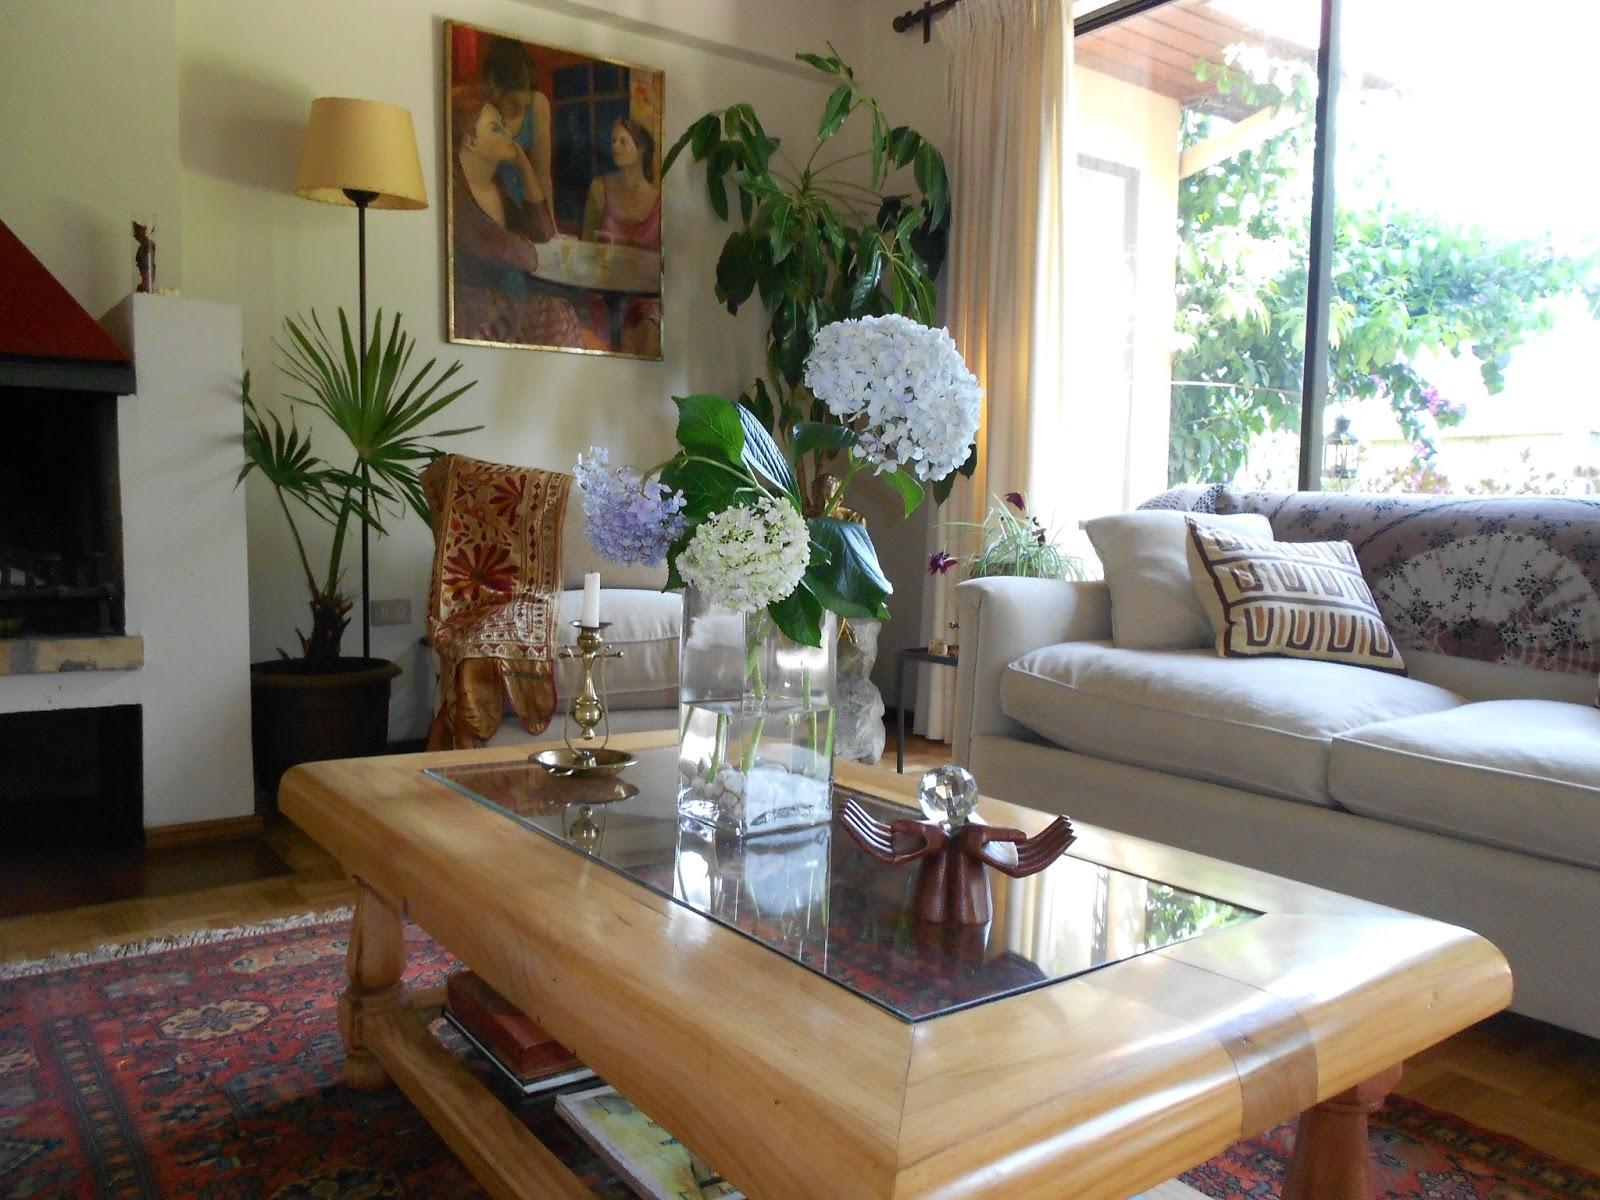 Calas decoraci n salon con plantas - Mesas de centro que se elevan ...